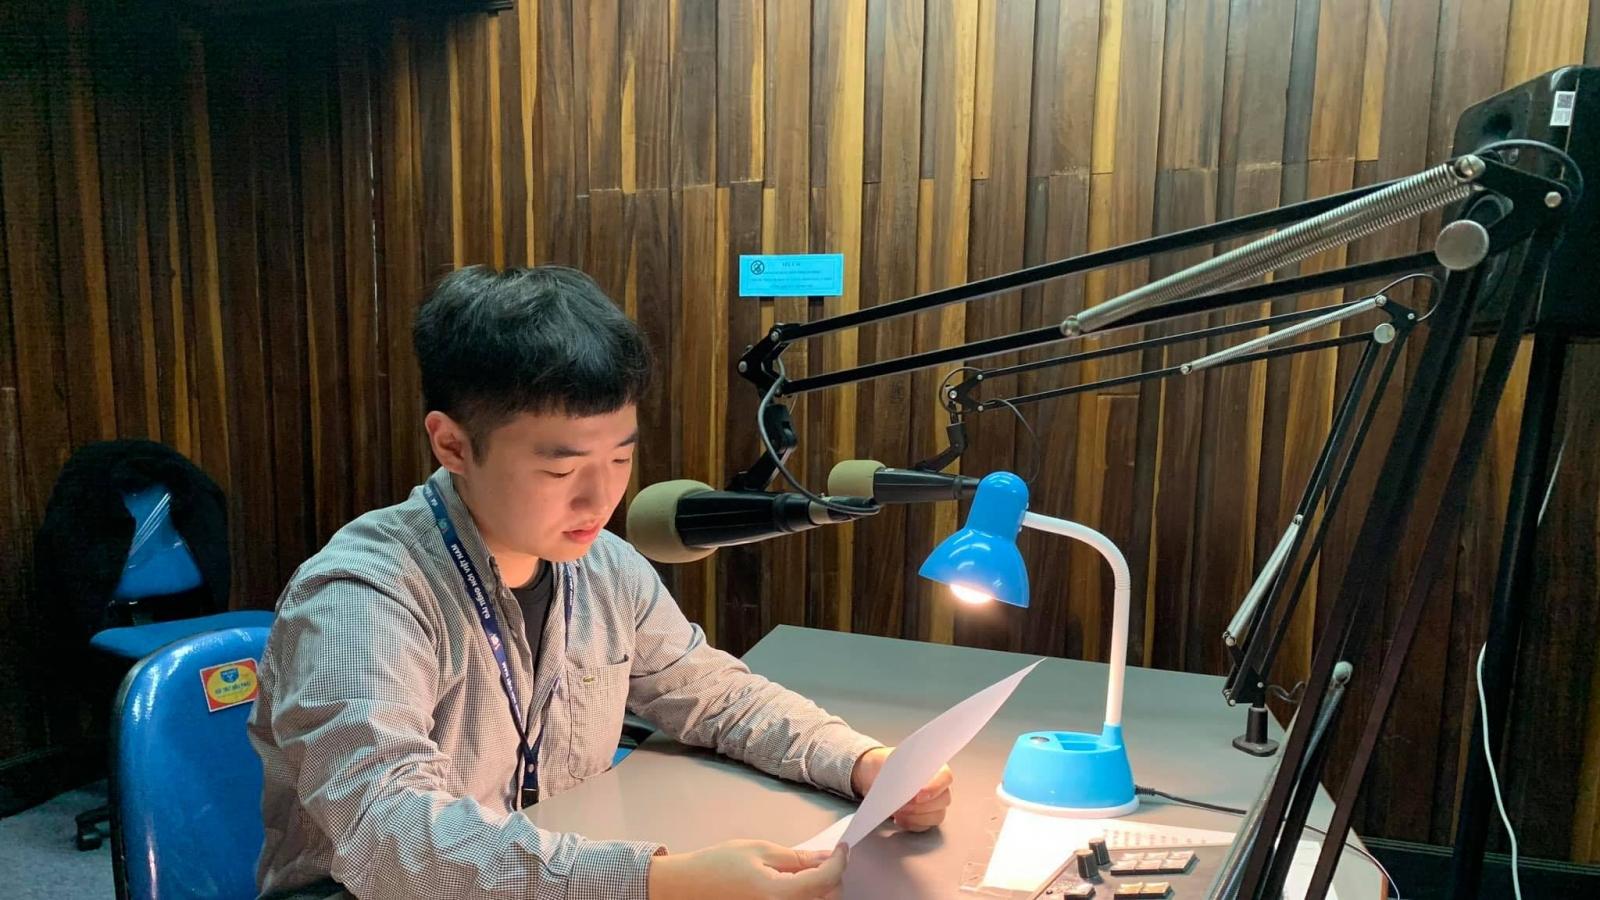 Chàng trai Hàn Quốc gửi 20 triệu đồng ủng hộ người dân TP.HCM chống dịch